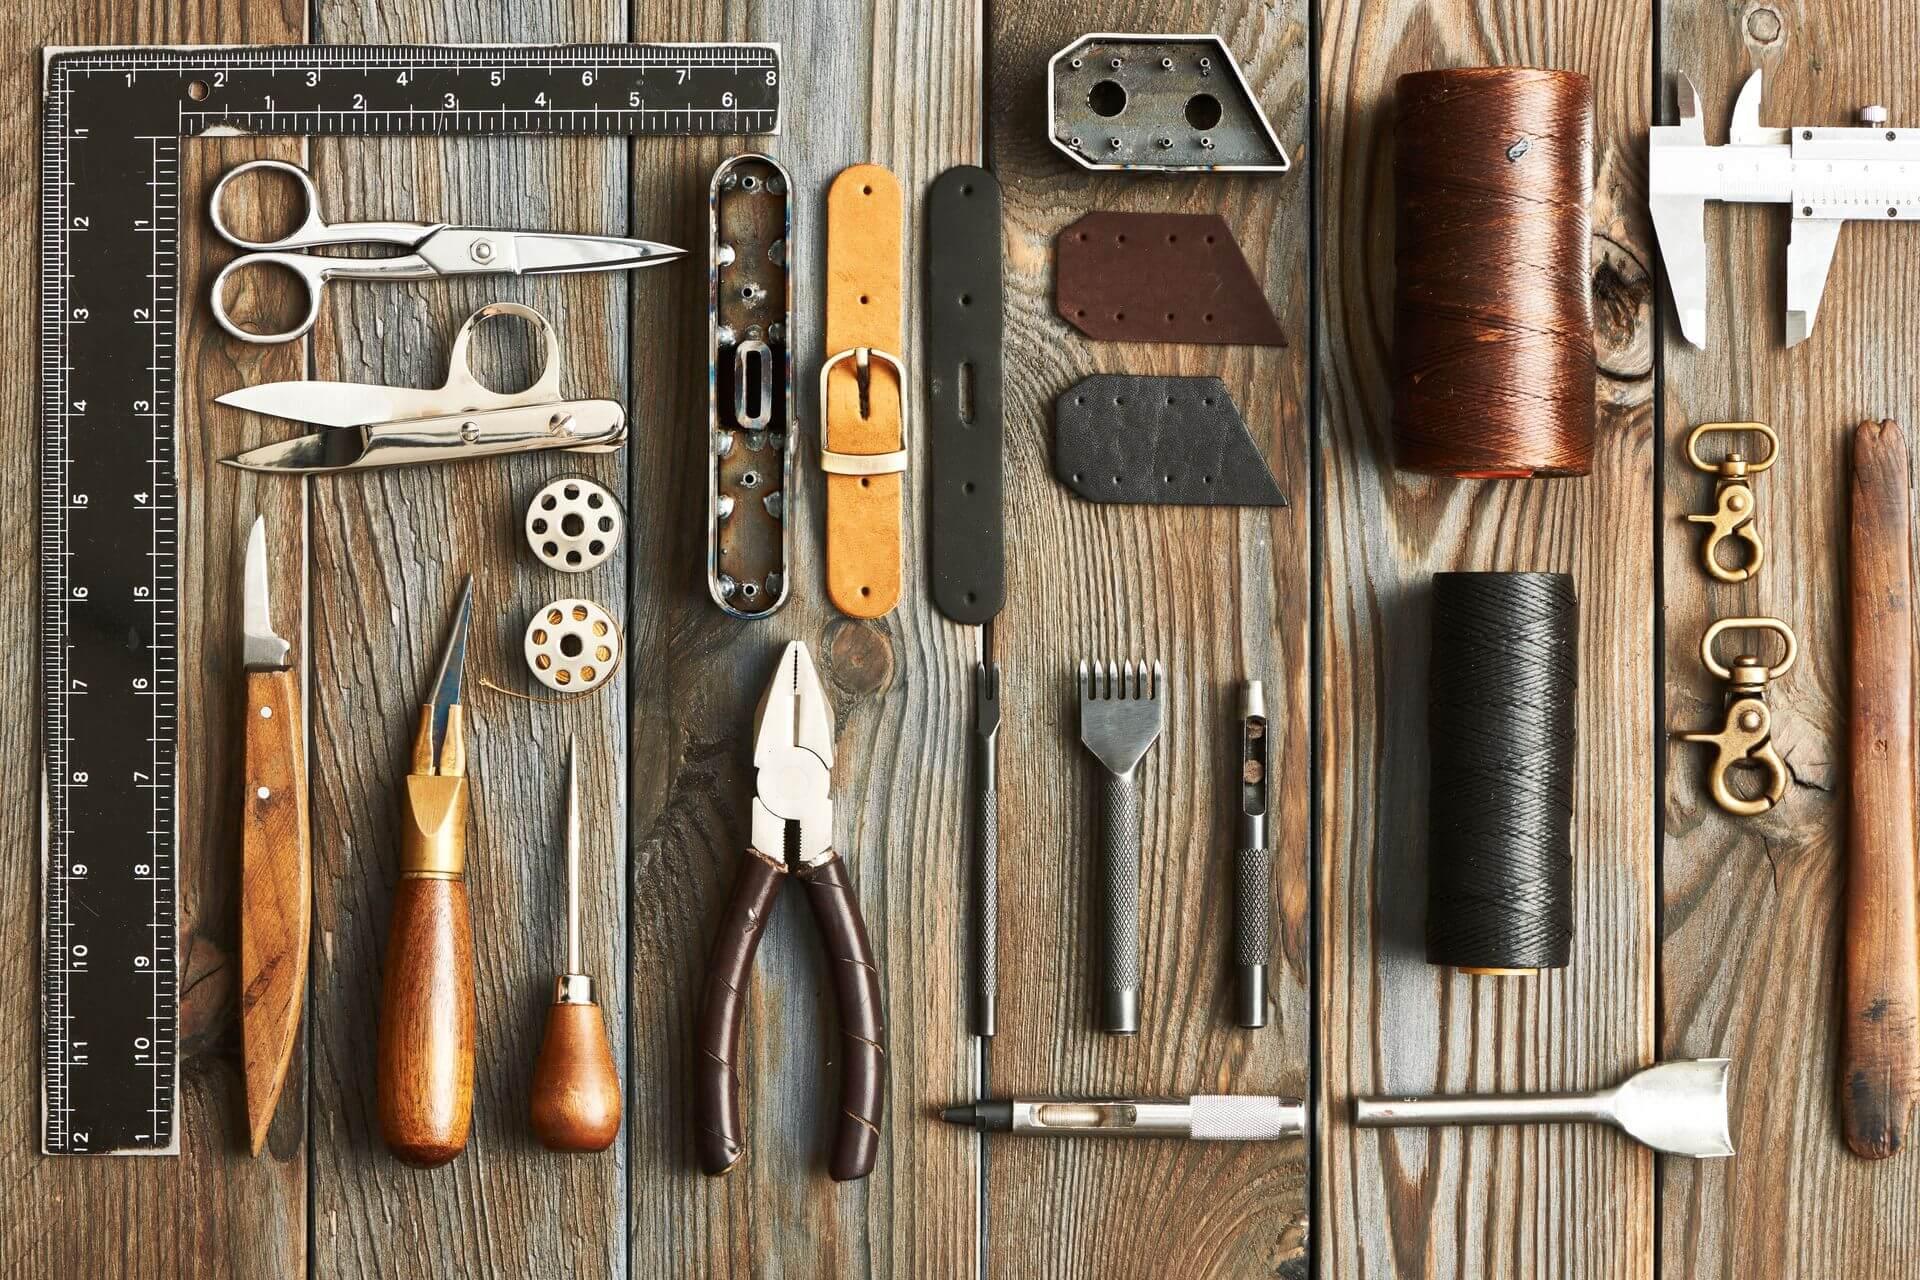 Come realizzare il telaio di un quadro con i listelli di legno - strumenti e materiali